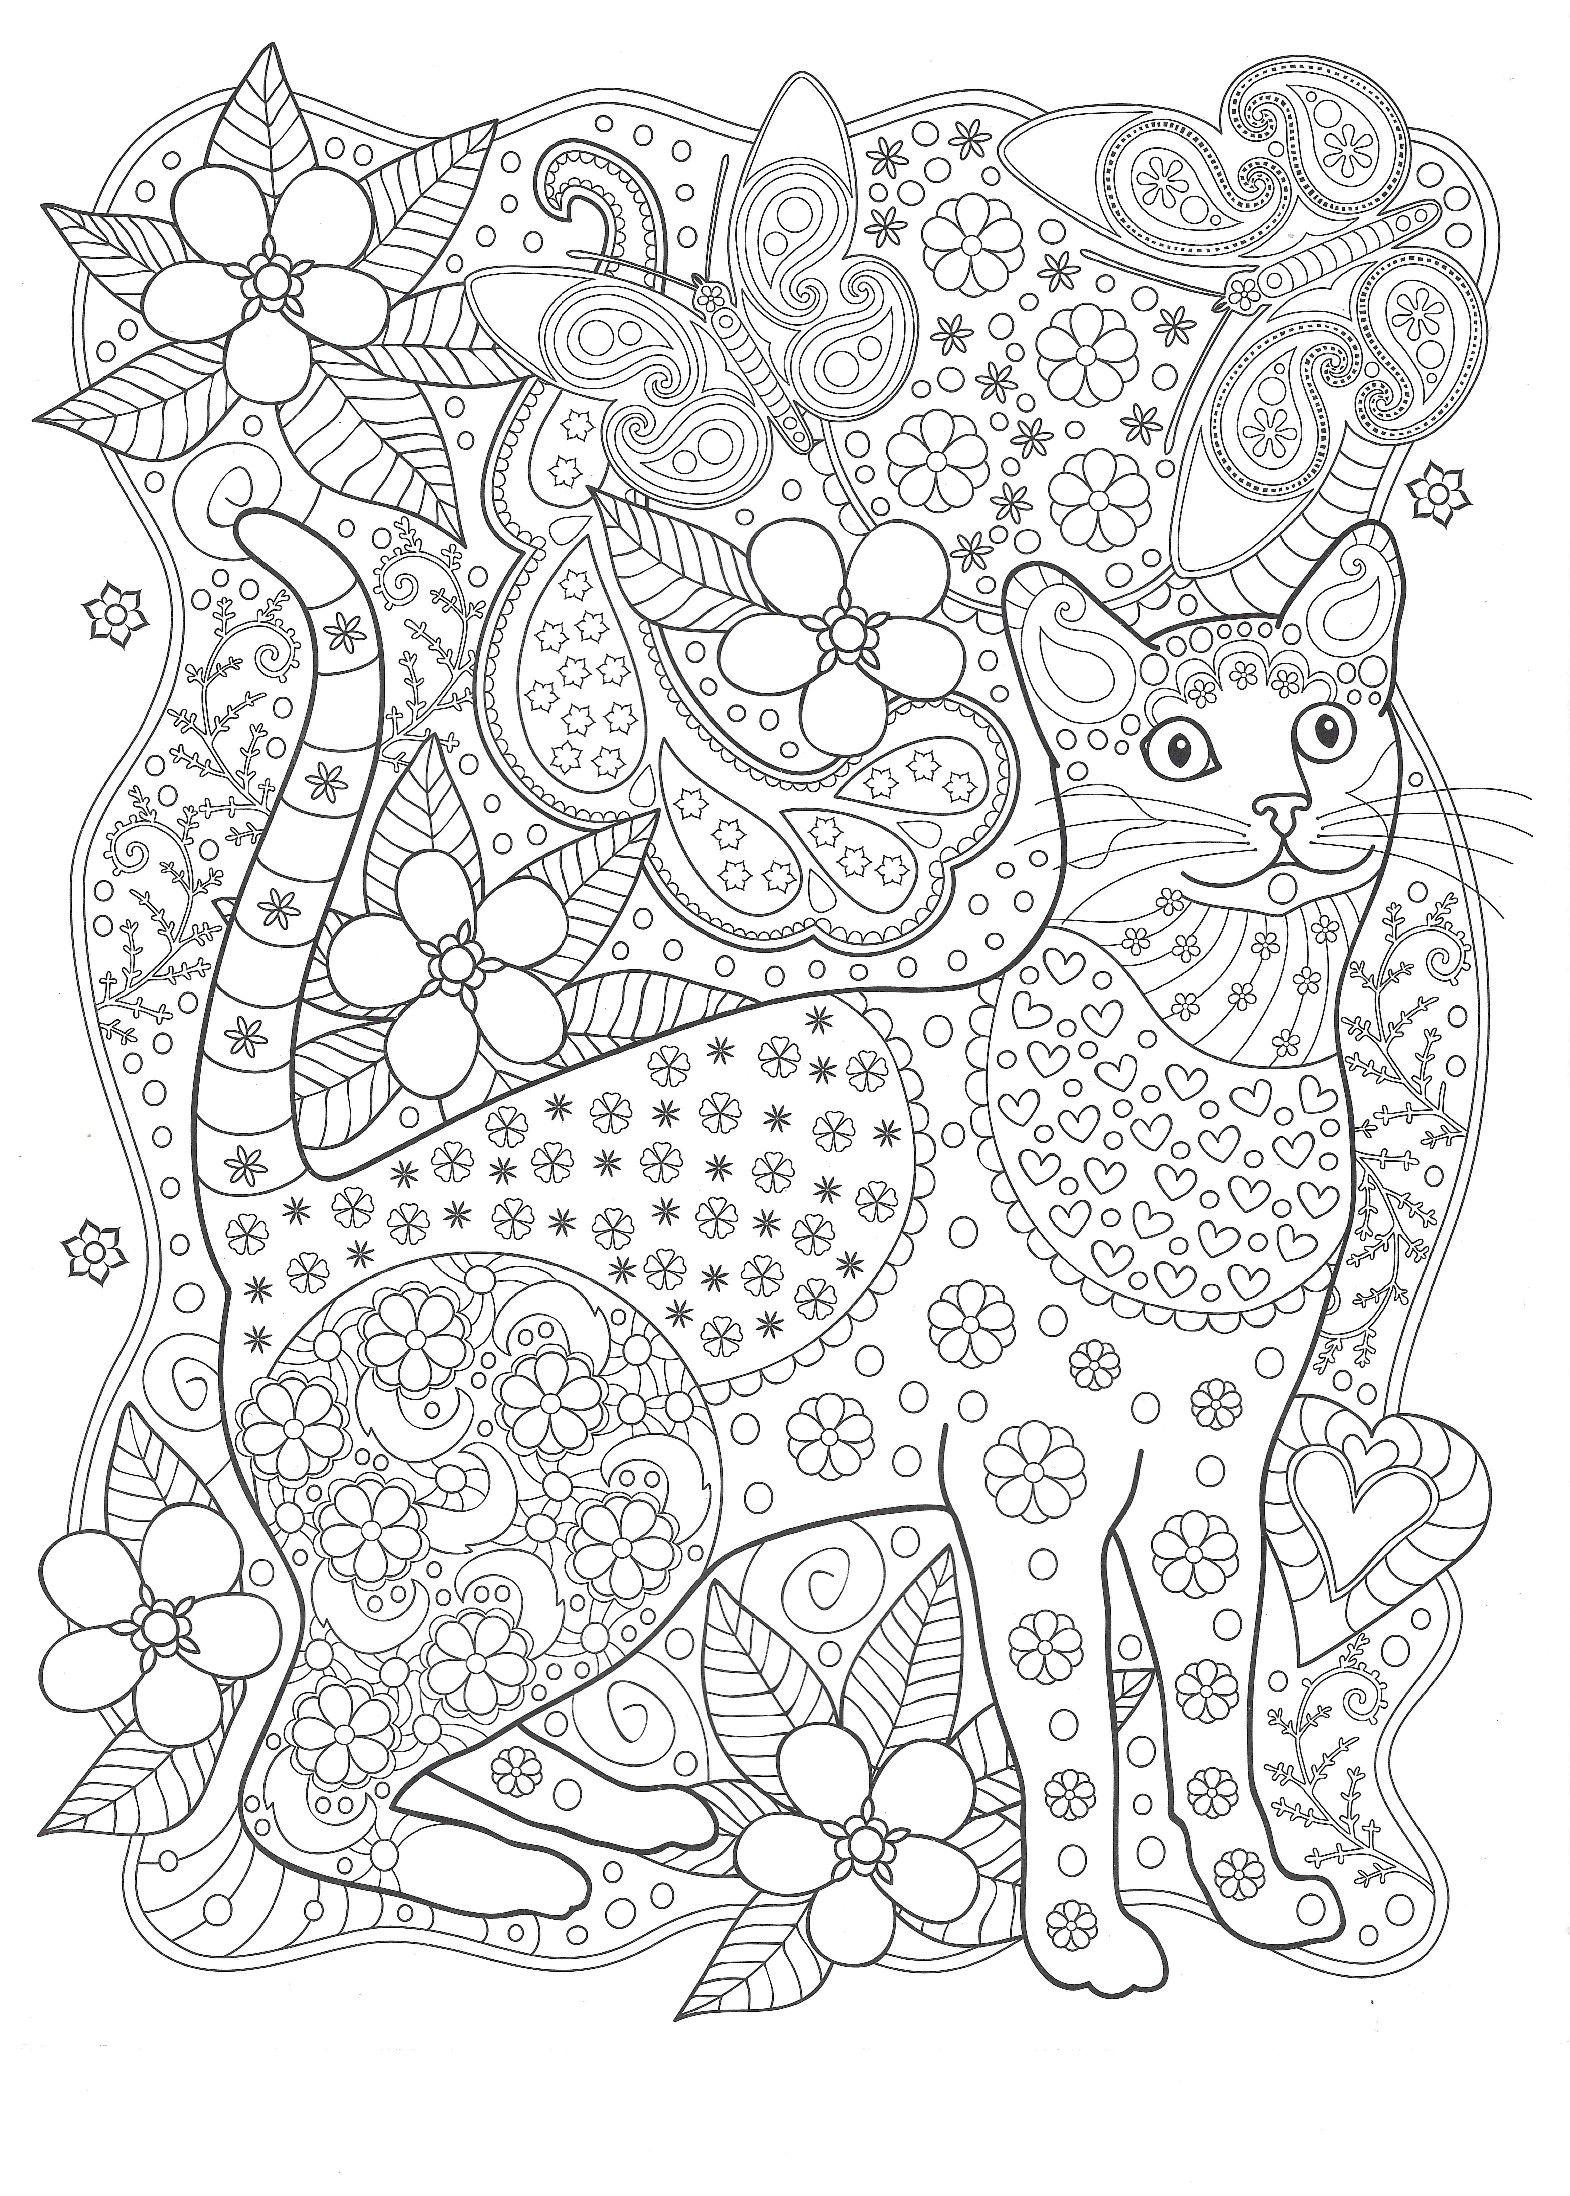 серьезной покупкой картинки для раскрашивания кошки релакс расстояние между